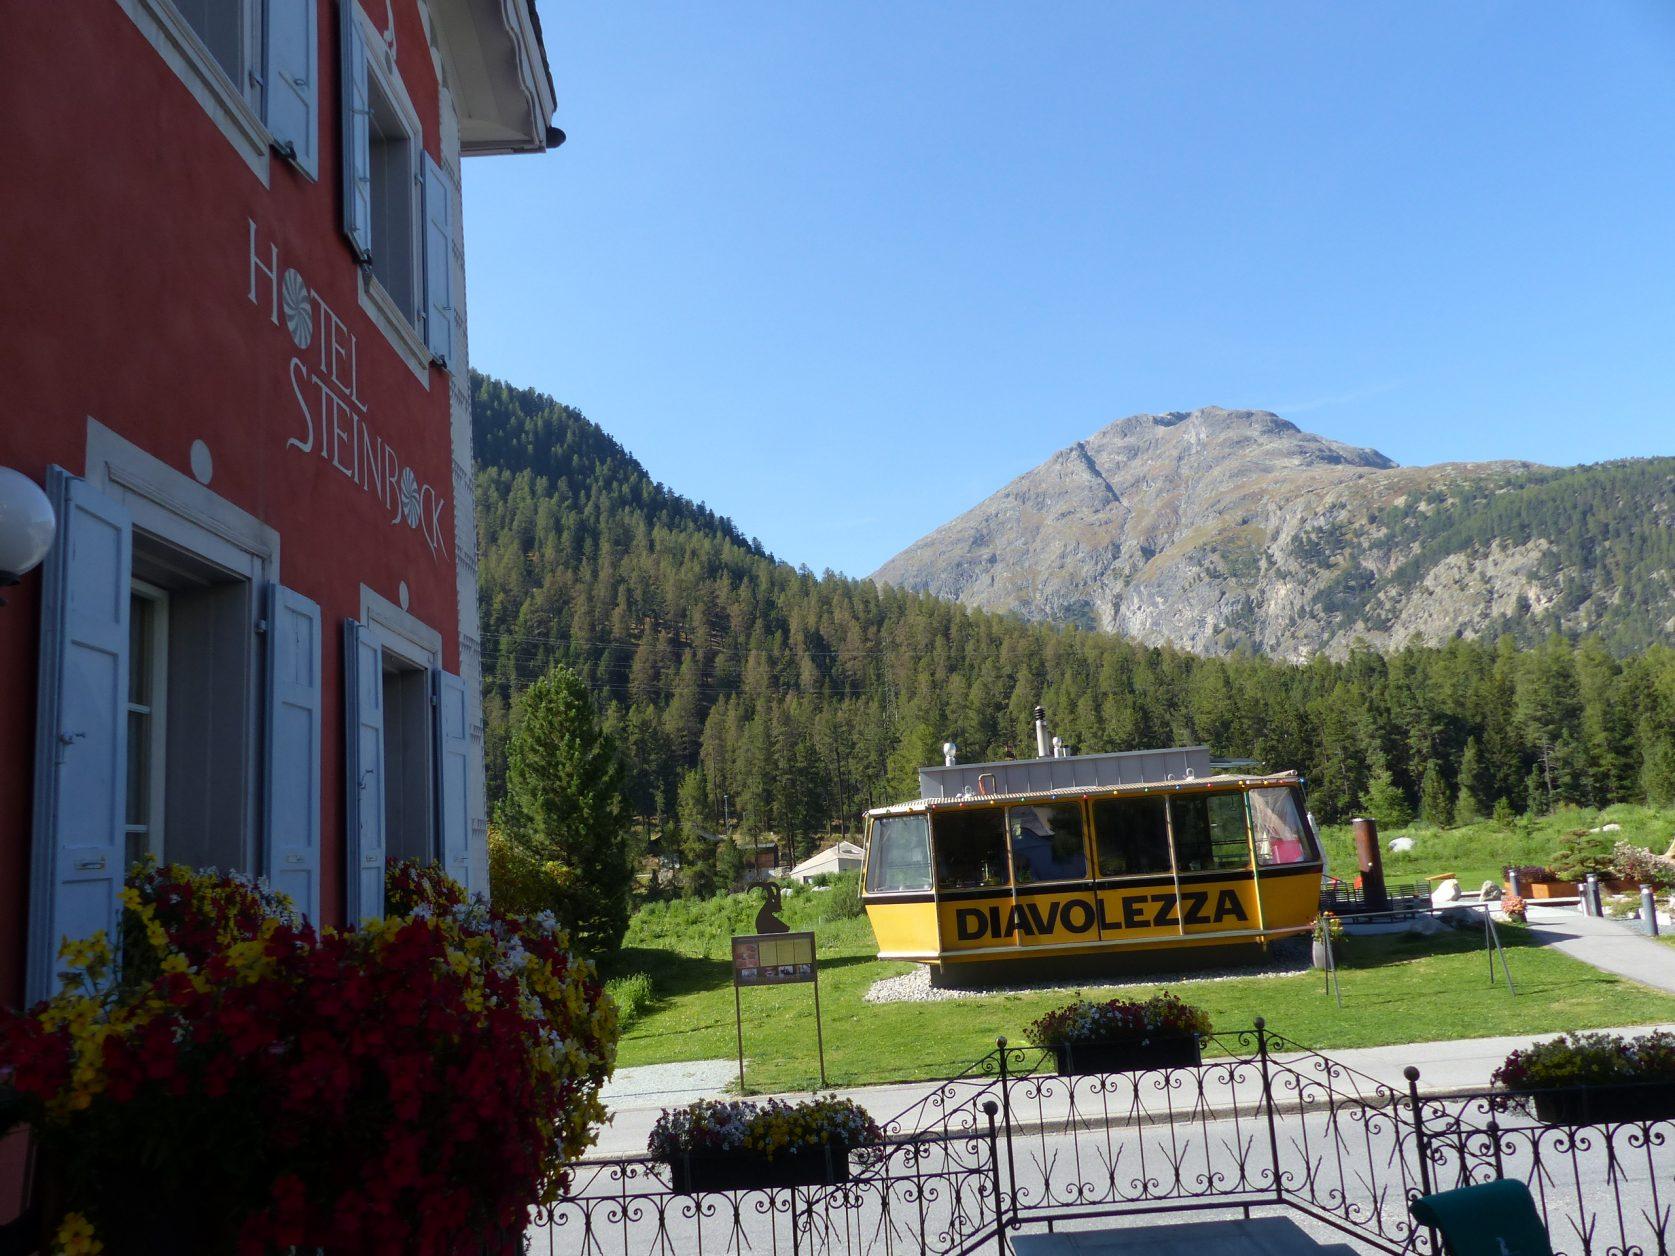 Schweiz Diavolezza Foto. Weirauch